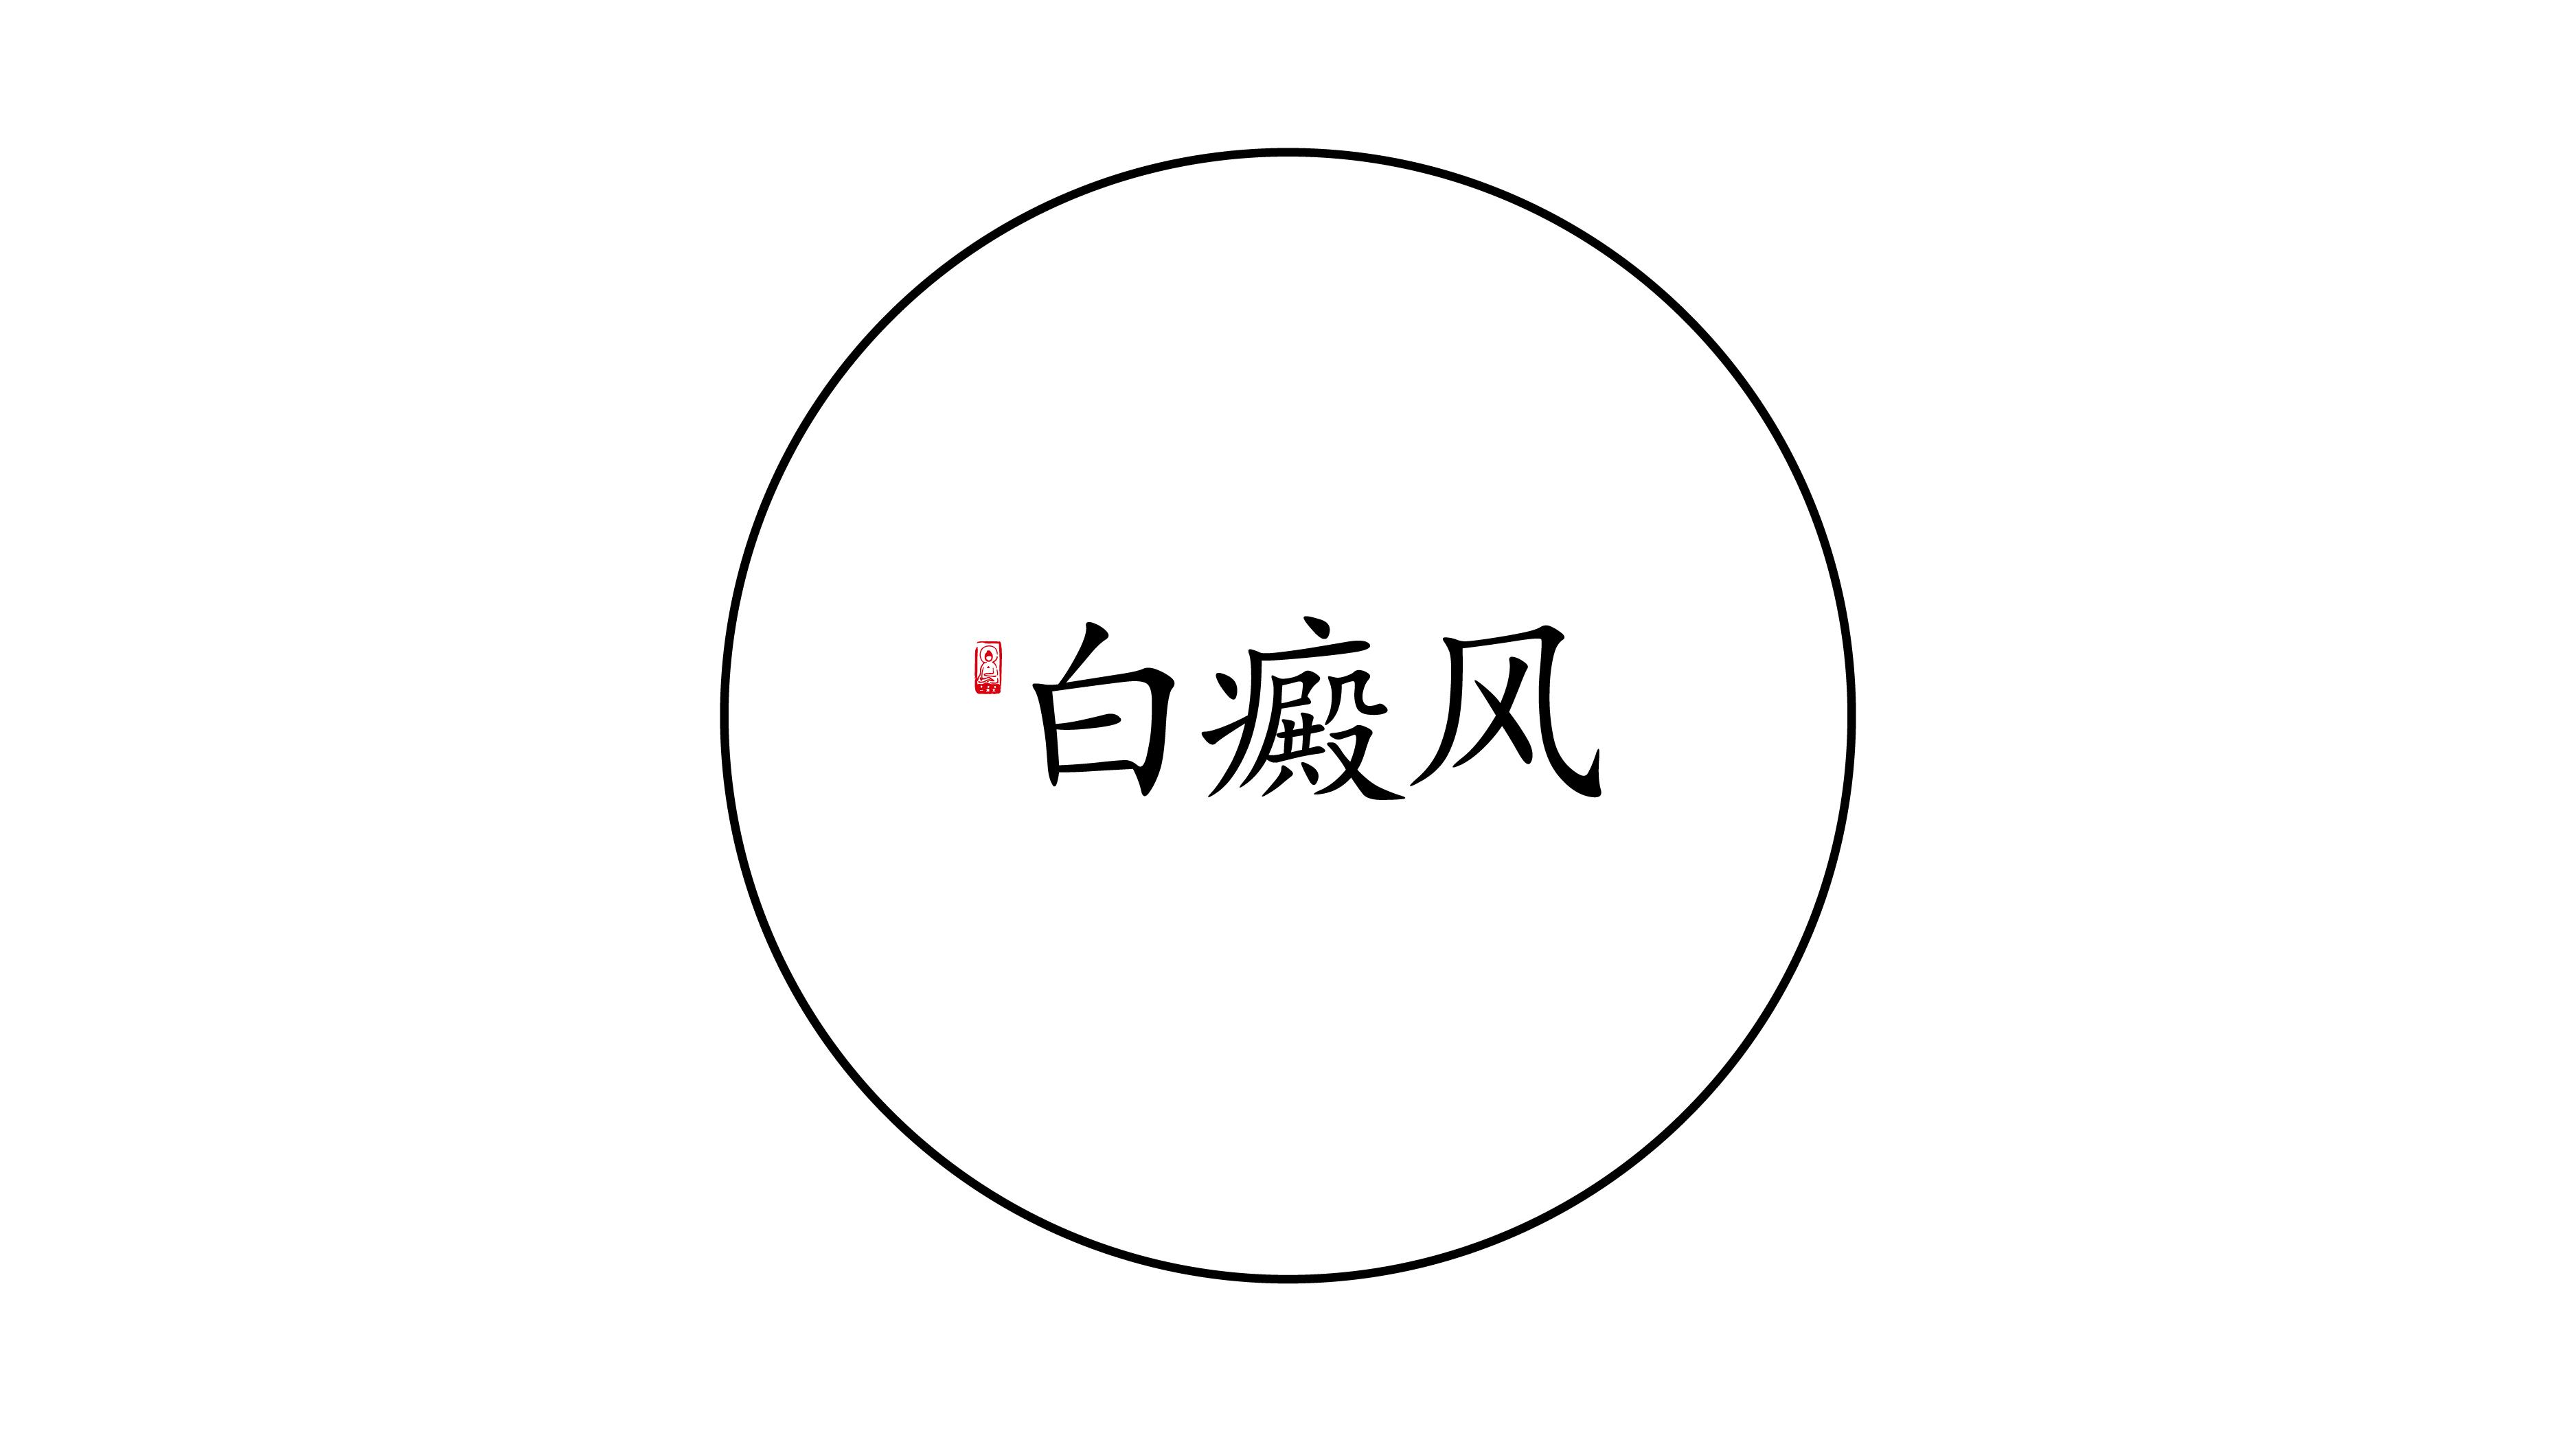 上海在哪找徐英华看白癜风?孩子得白癜风的根